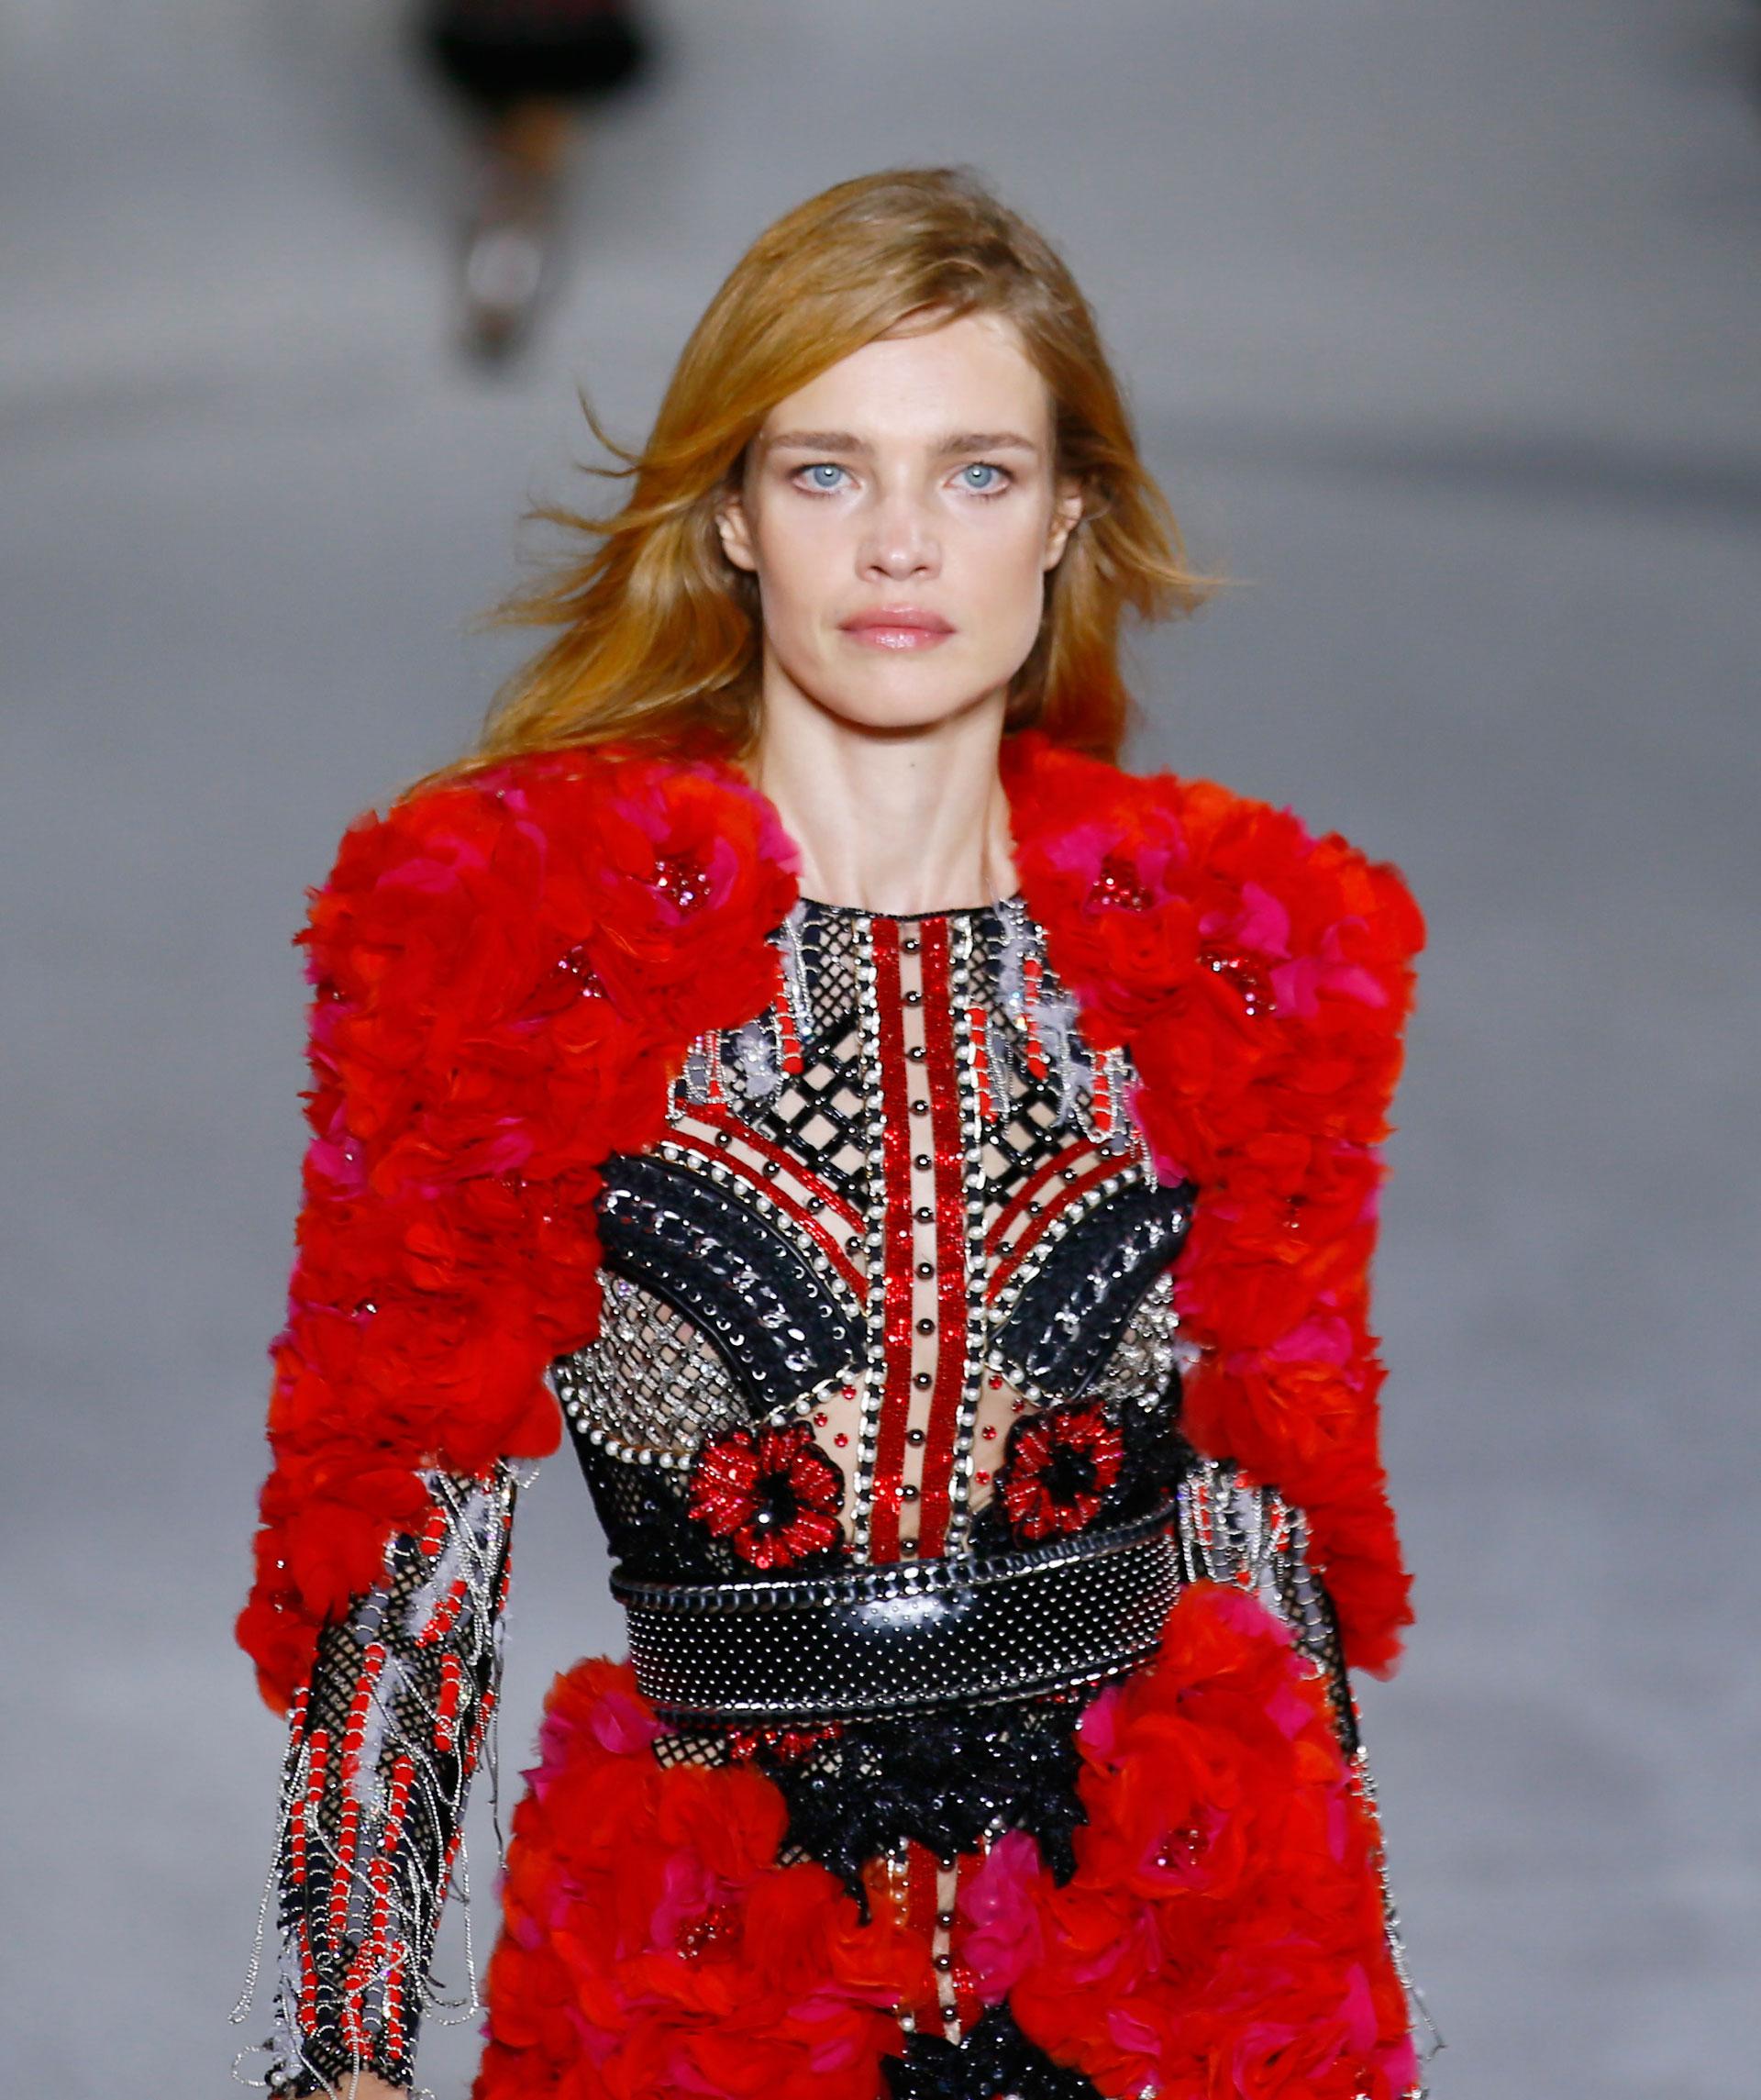 Hombreras y falda del diseño bordadas en flores fucisas y rojas. Todo el vestido bordado íntegramente con piedras, canutillos y cristales